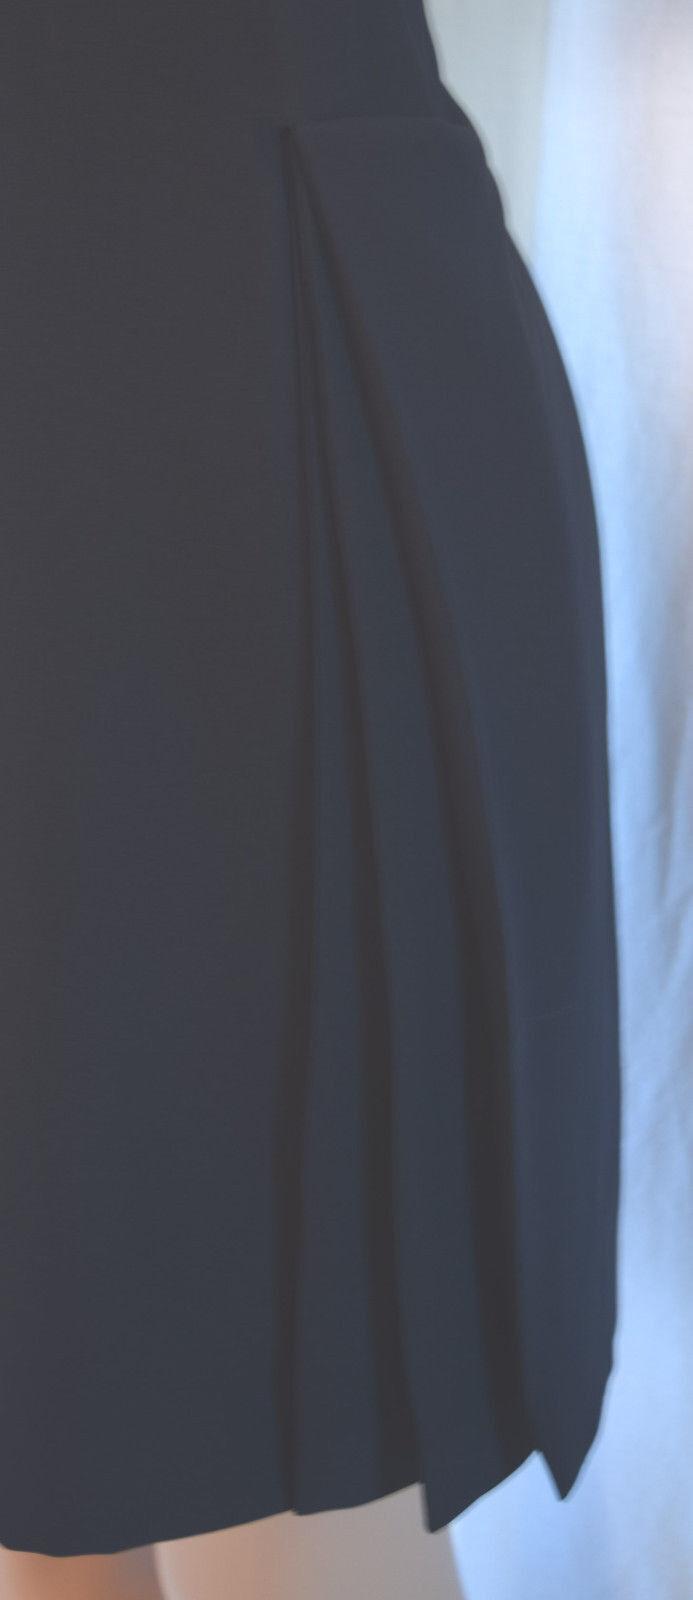 Christian dior bleu marine sequin / col perlé applique côté plissé robe 14